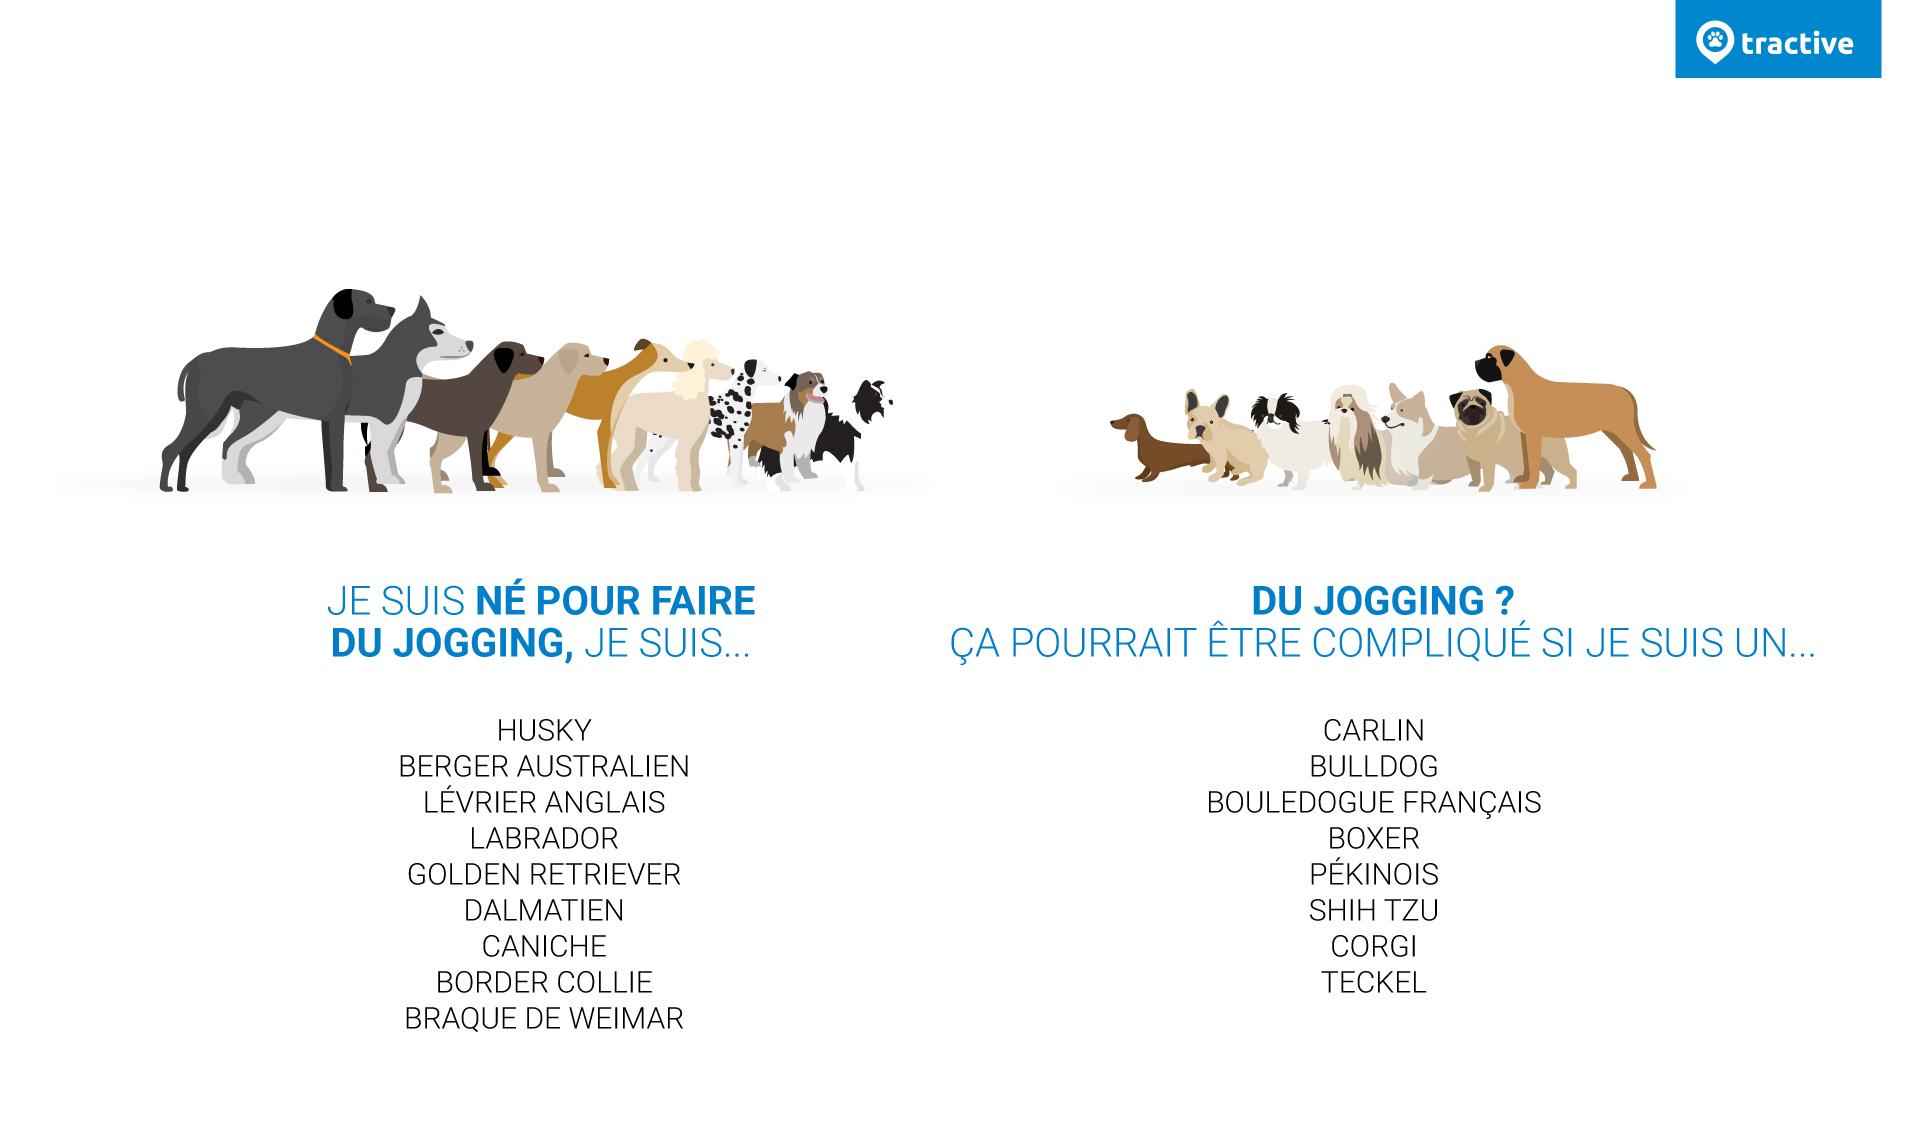 Infographie classant les races de chiens en fonction de leur capacité a courir